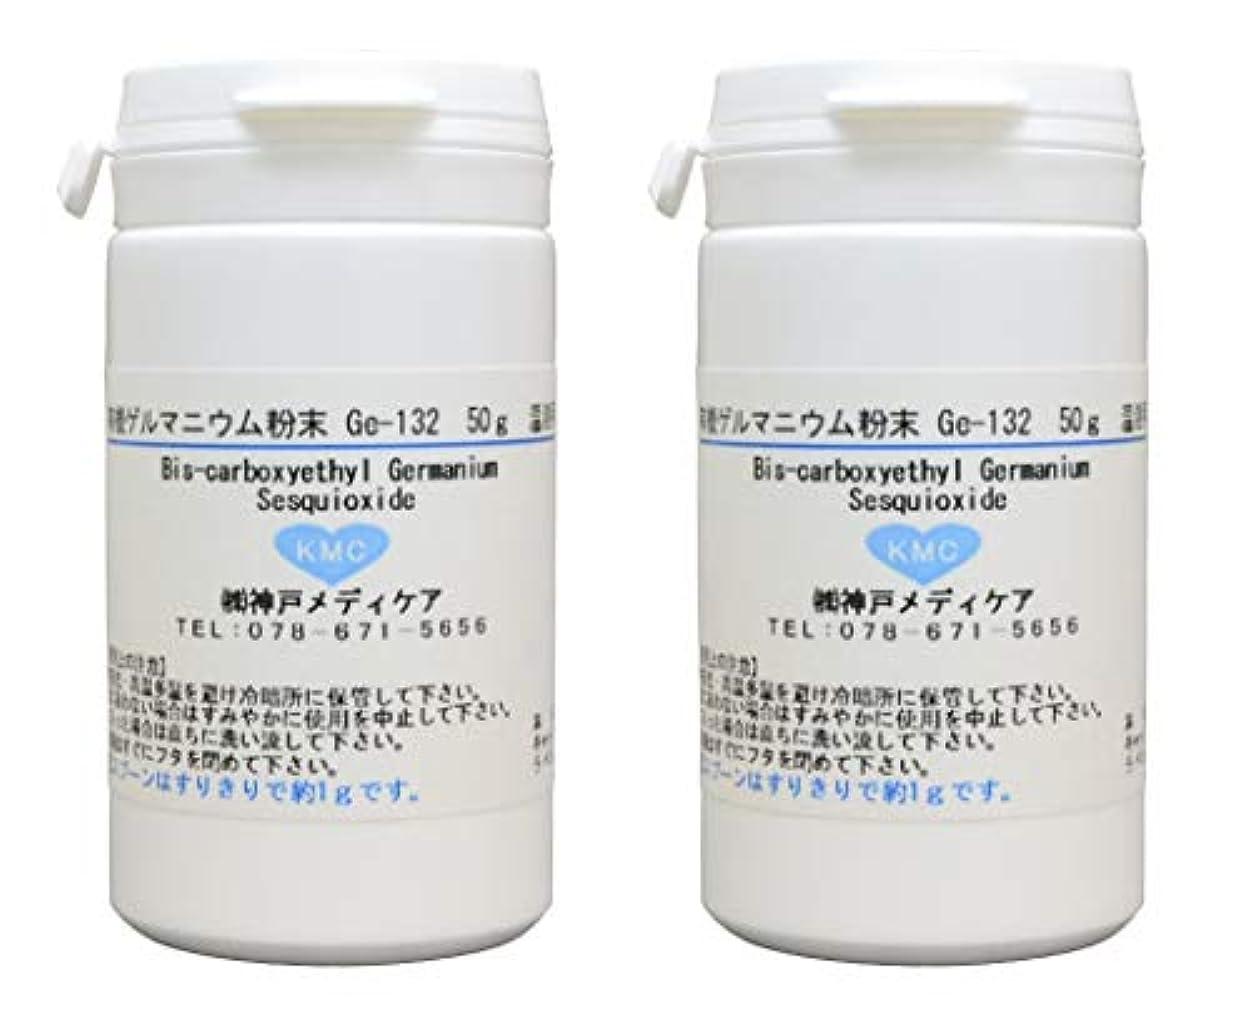 アシスタントマートお母さん有機ゲルマニウム粉末【100g】Ge132パウダー 温浴専用 入浴剤